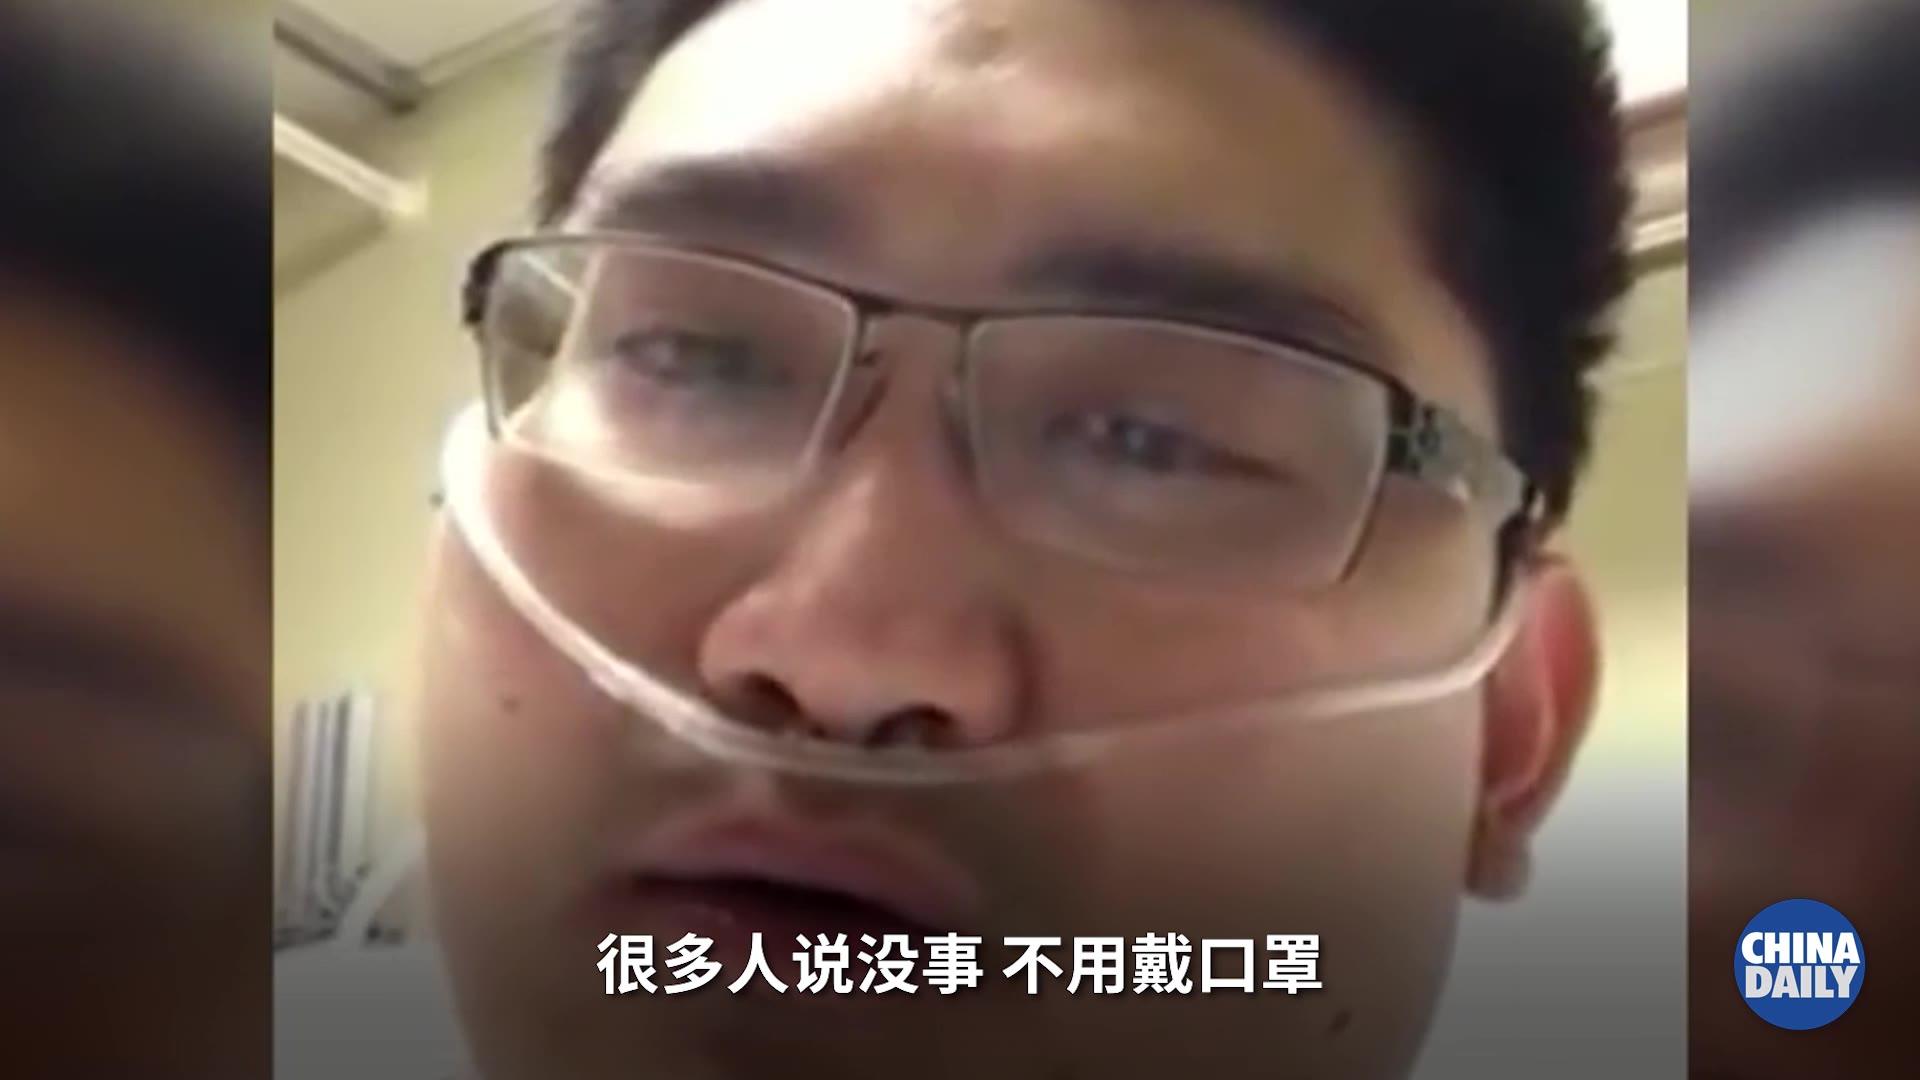 美华裔新冠患者网上求助:请帮我转院,这是我最后的机会